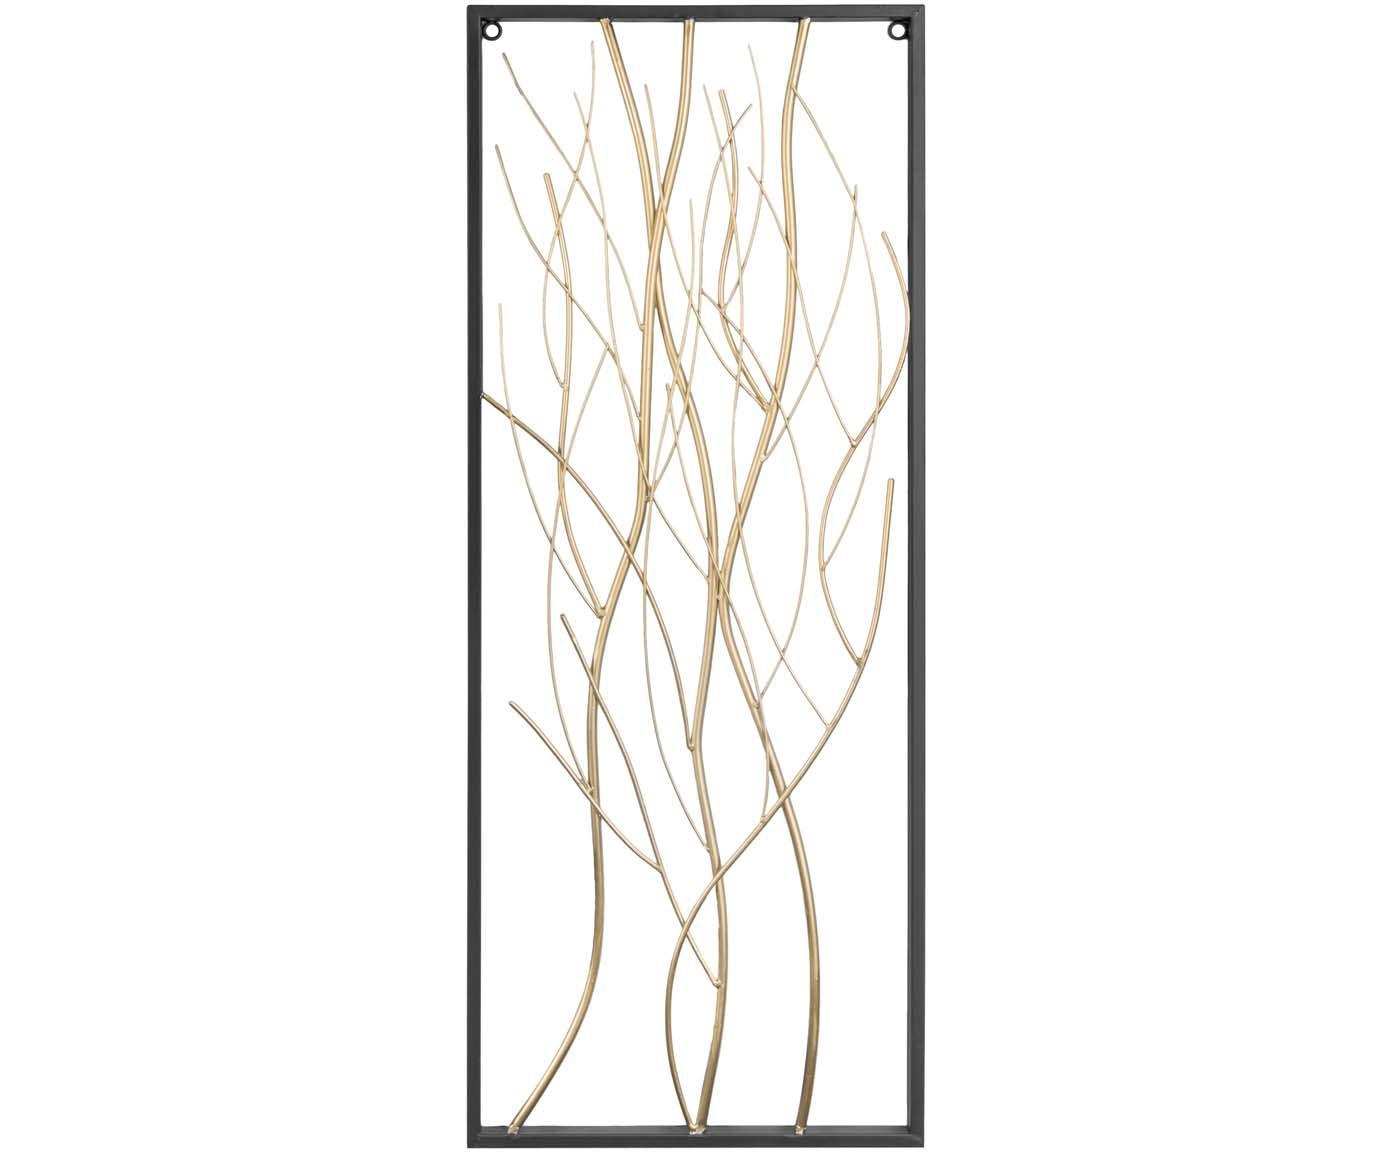 Decorazione da parete in metallo Branches, Metallo verniciato, Nero, ottonato, bianco, Larg. 33 x Alt. 85 cm